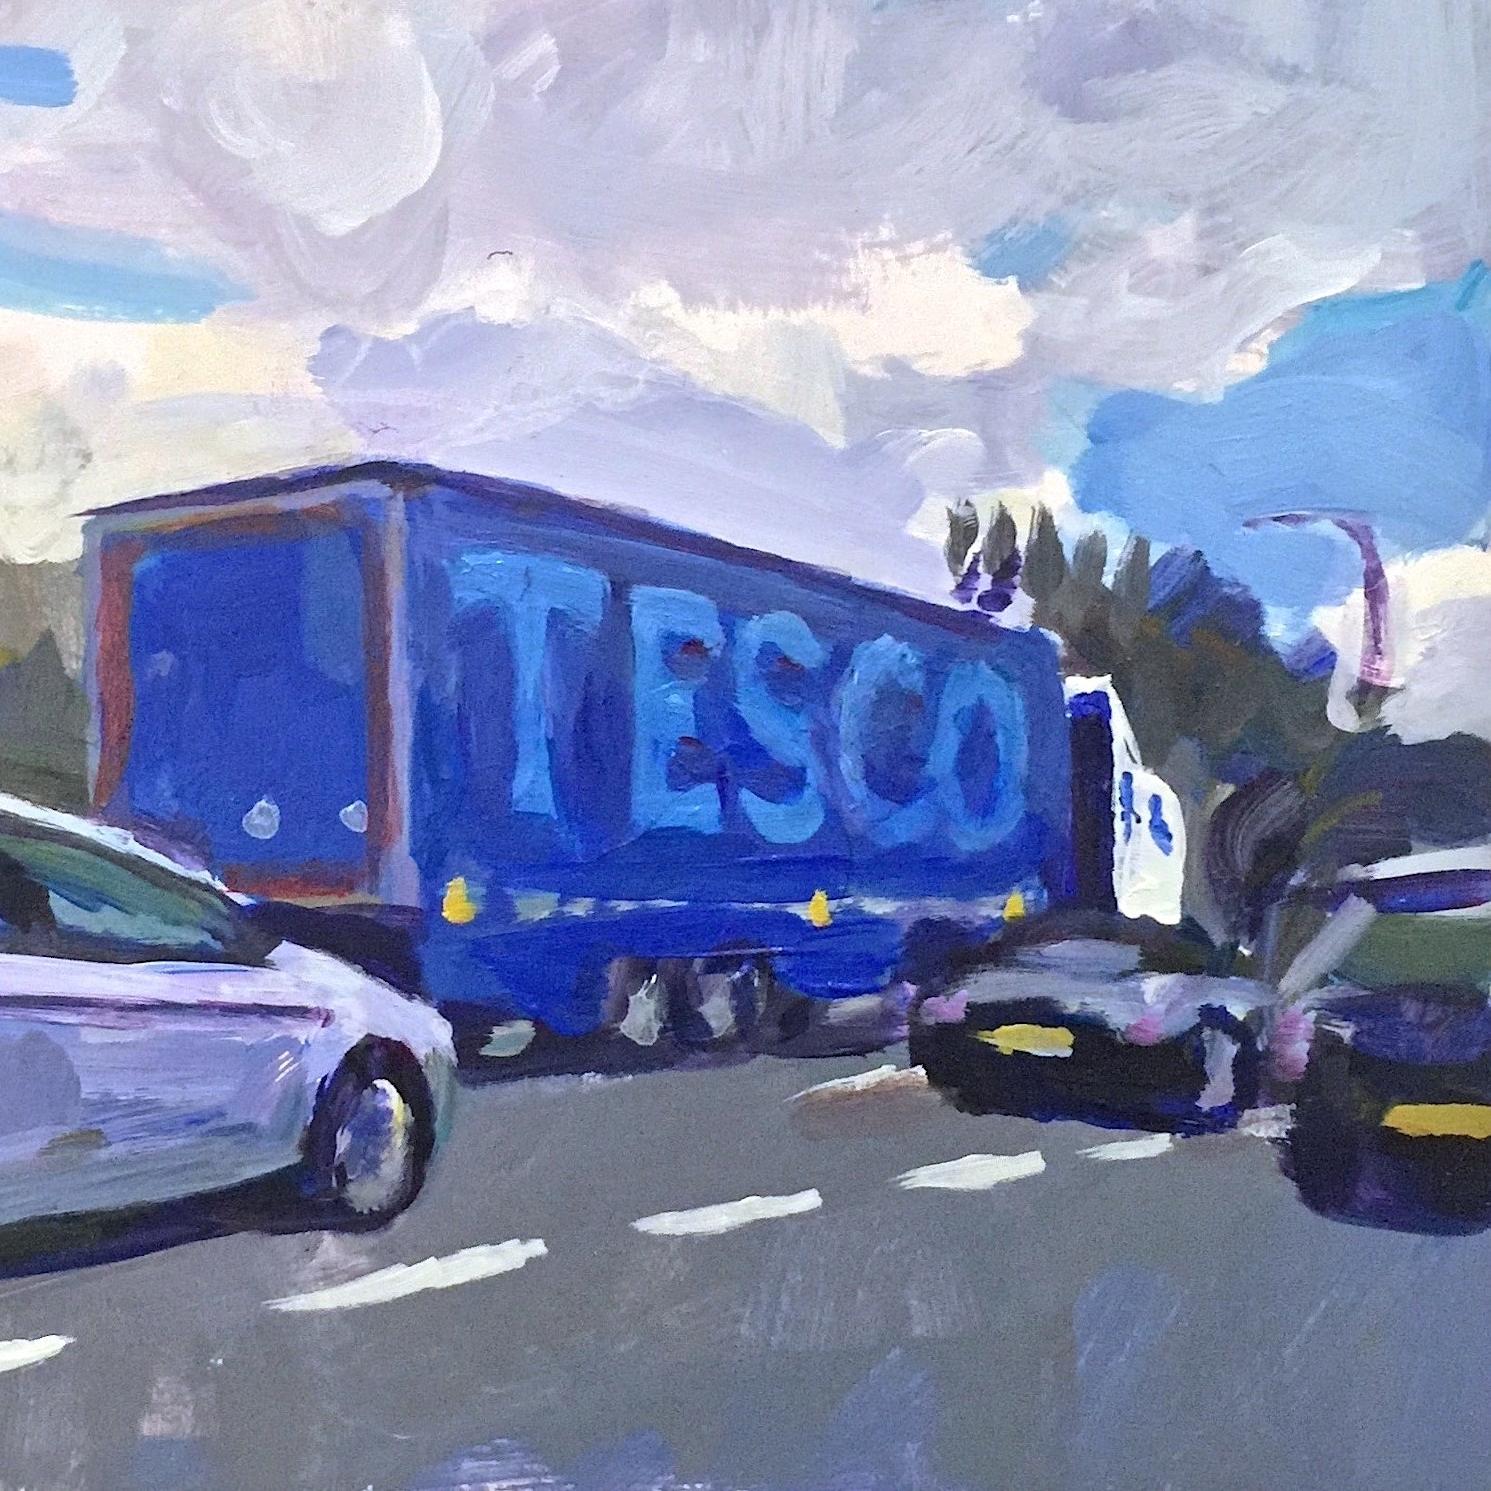 Towards London on A27  (detail)  2016 acrylic on card,18 x 28 cm